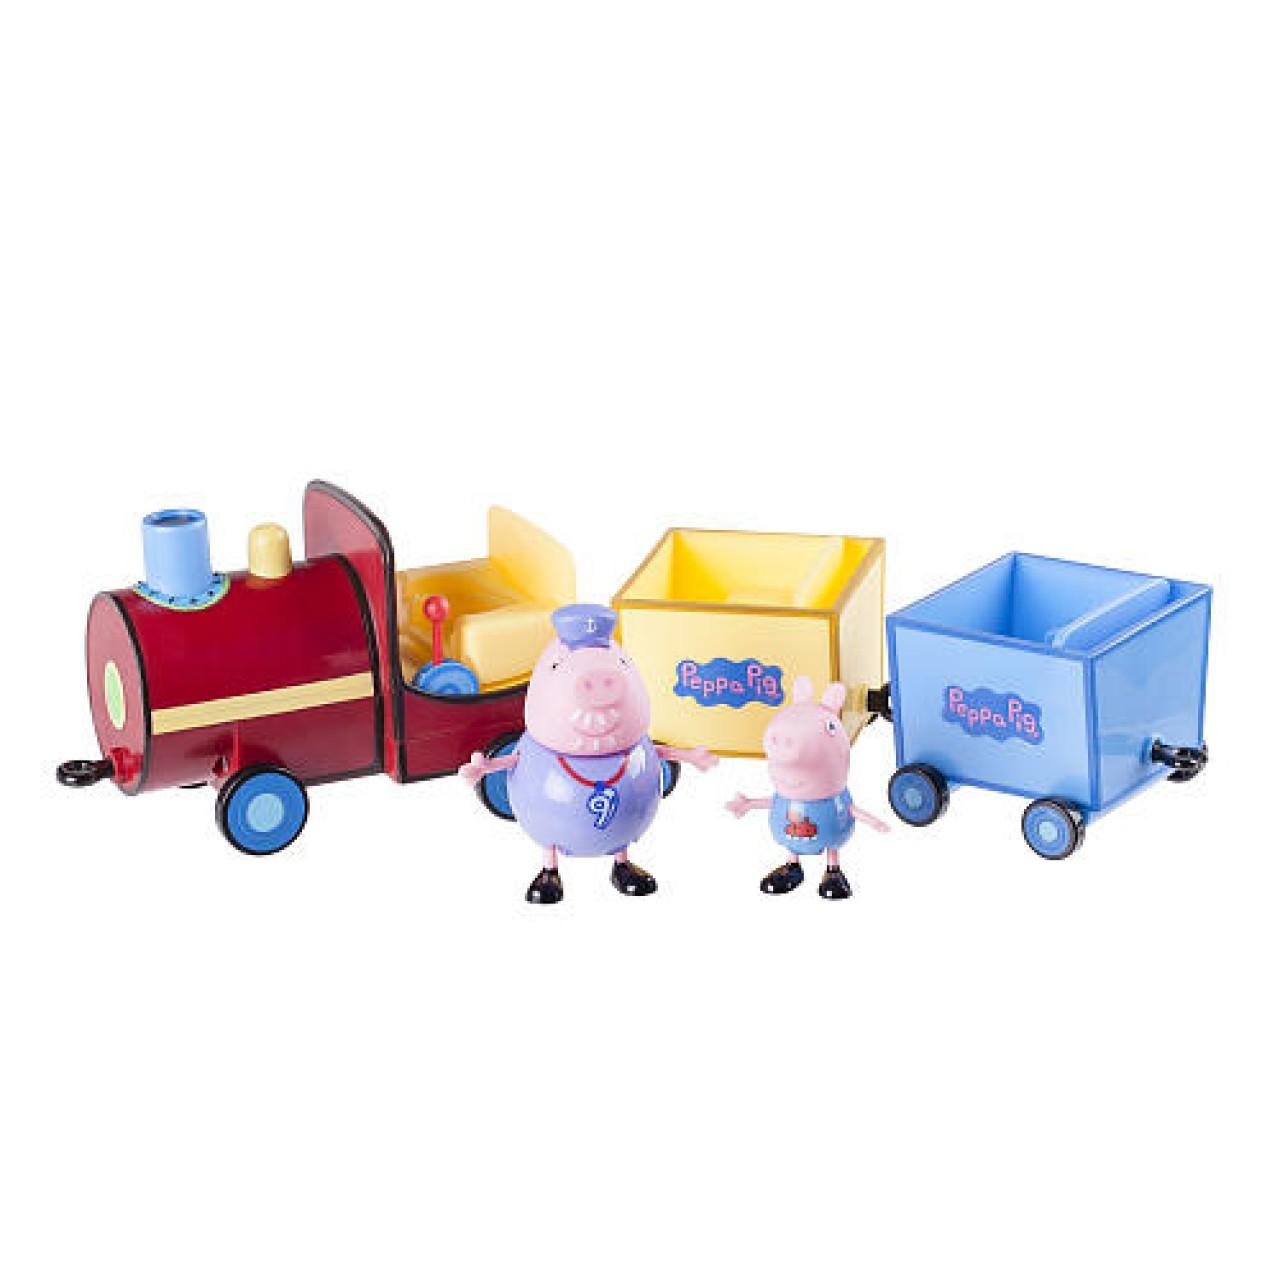 Набор Свинка Пеппа - Джордж, Деда и Поезд,  92601